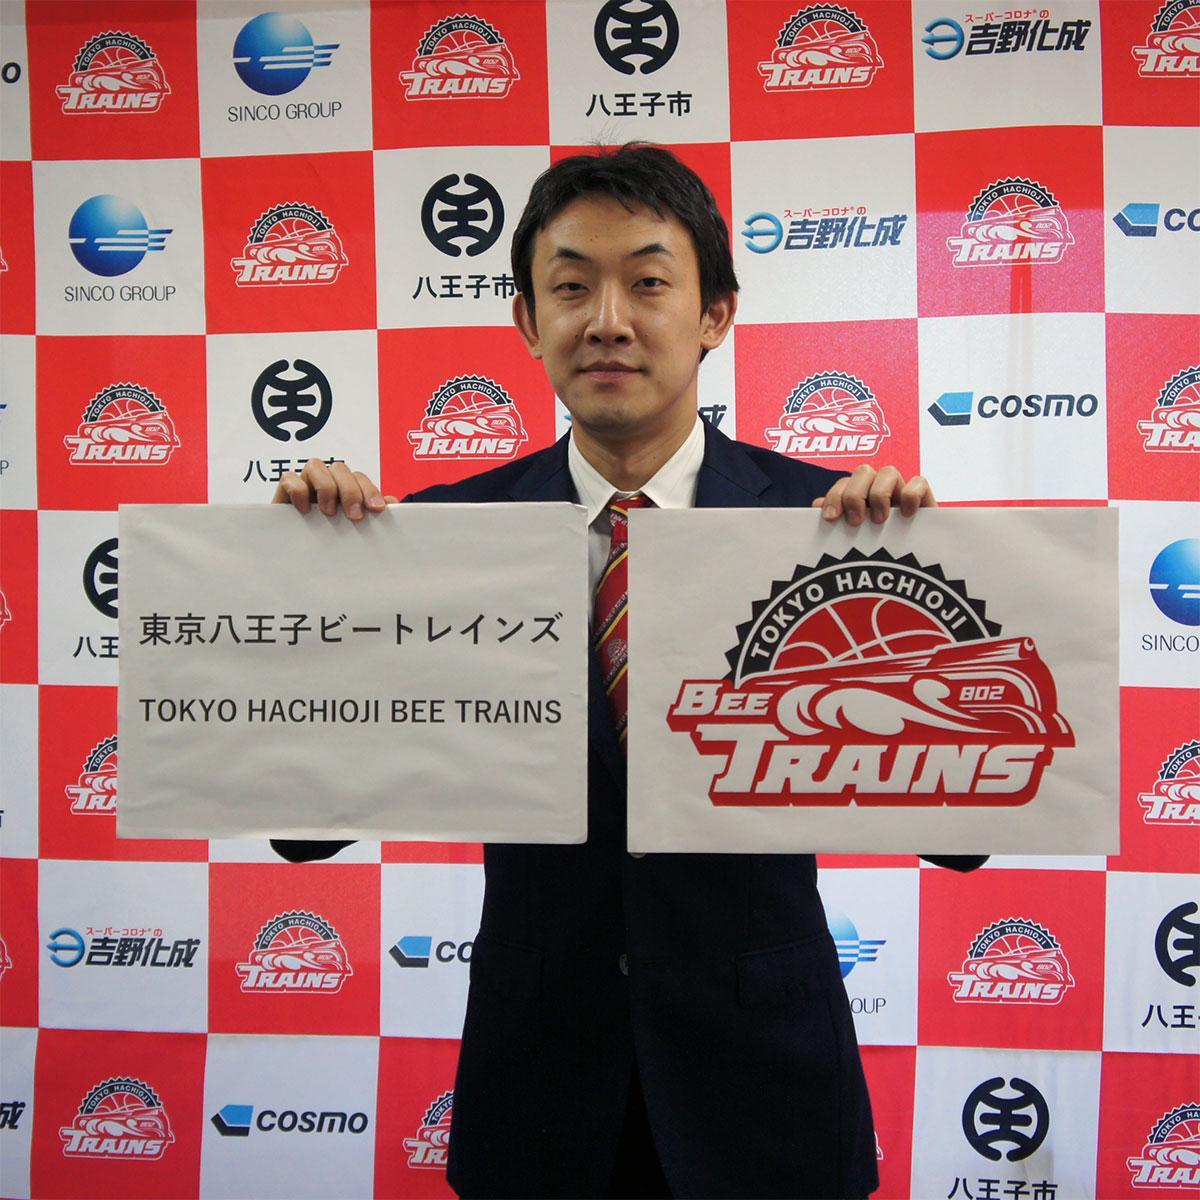 新たなチーム名とロゴを発表する和田さん